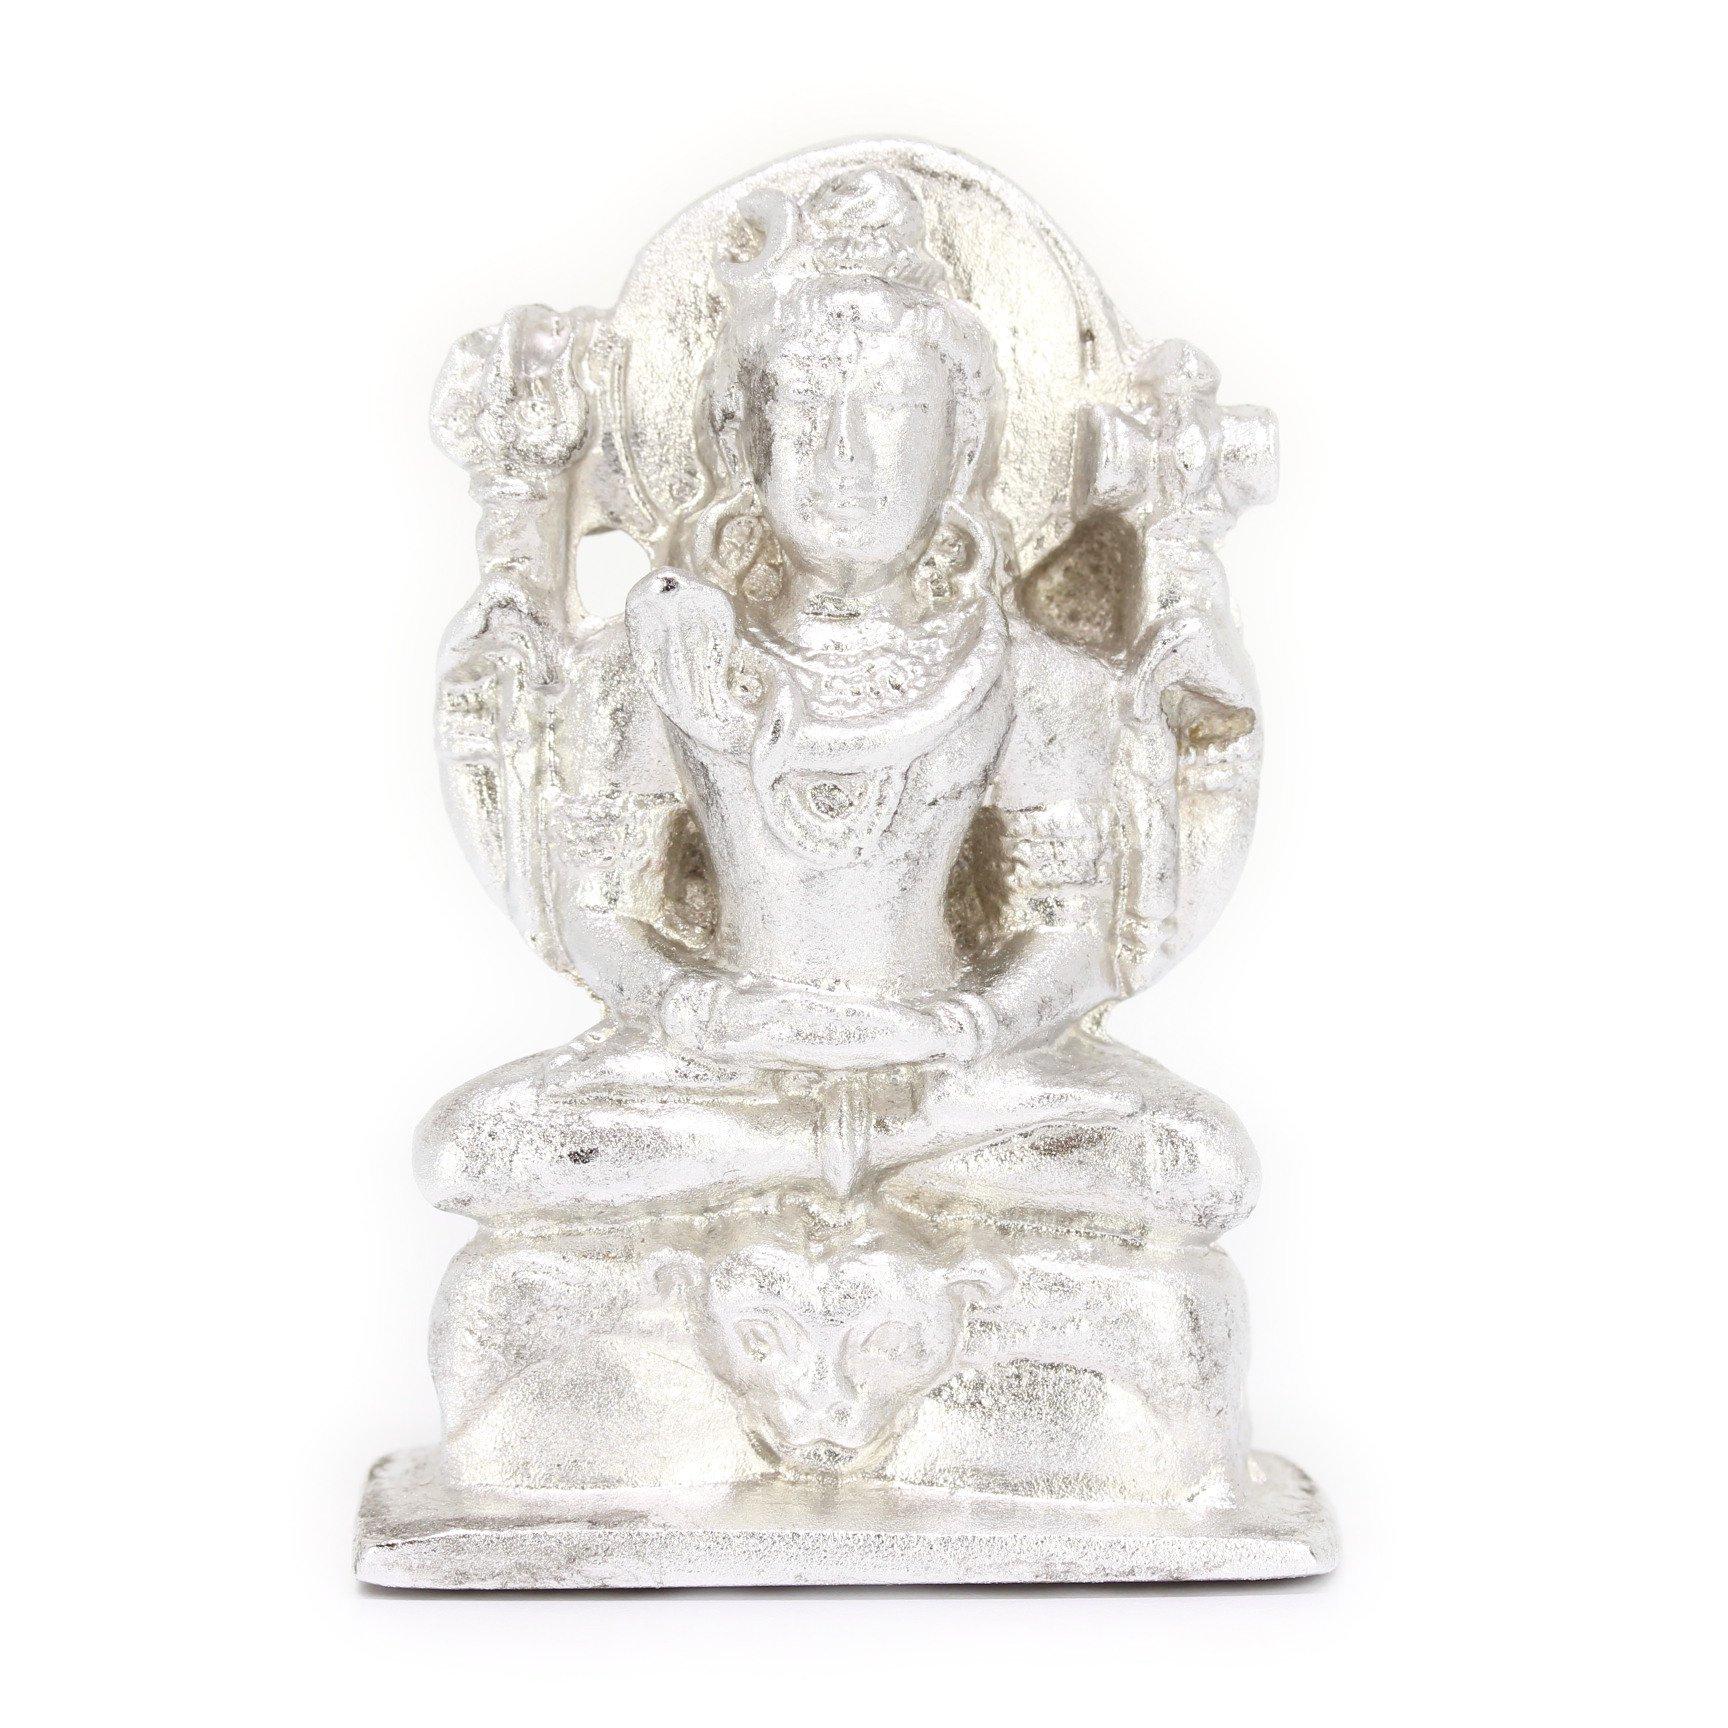 パラド・シヴァ神像(高さ約5.3cm、重量...